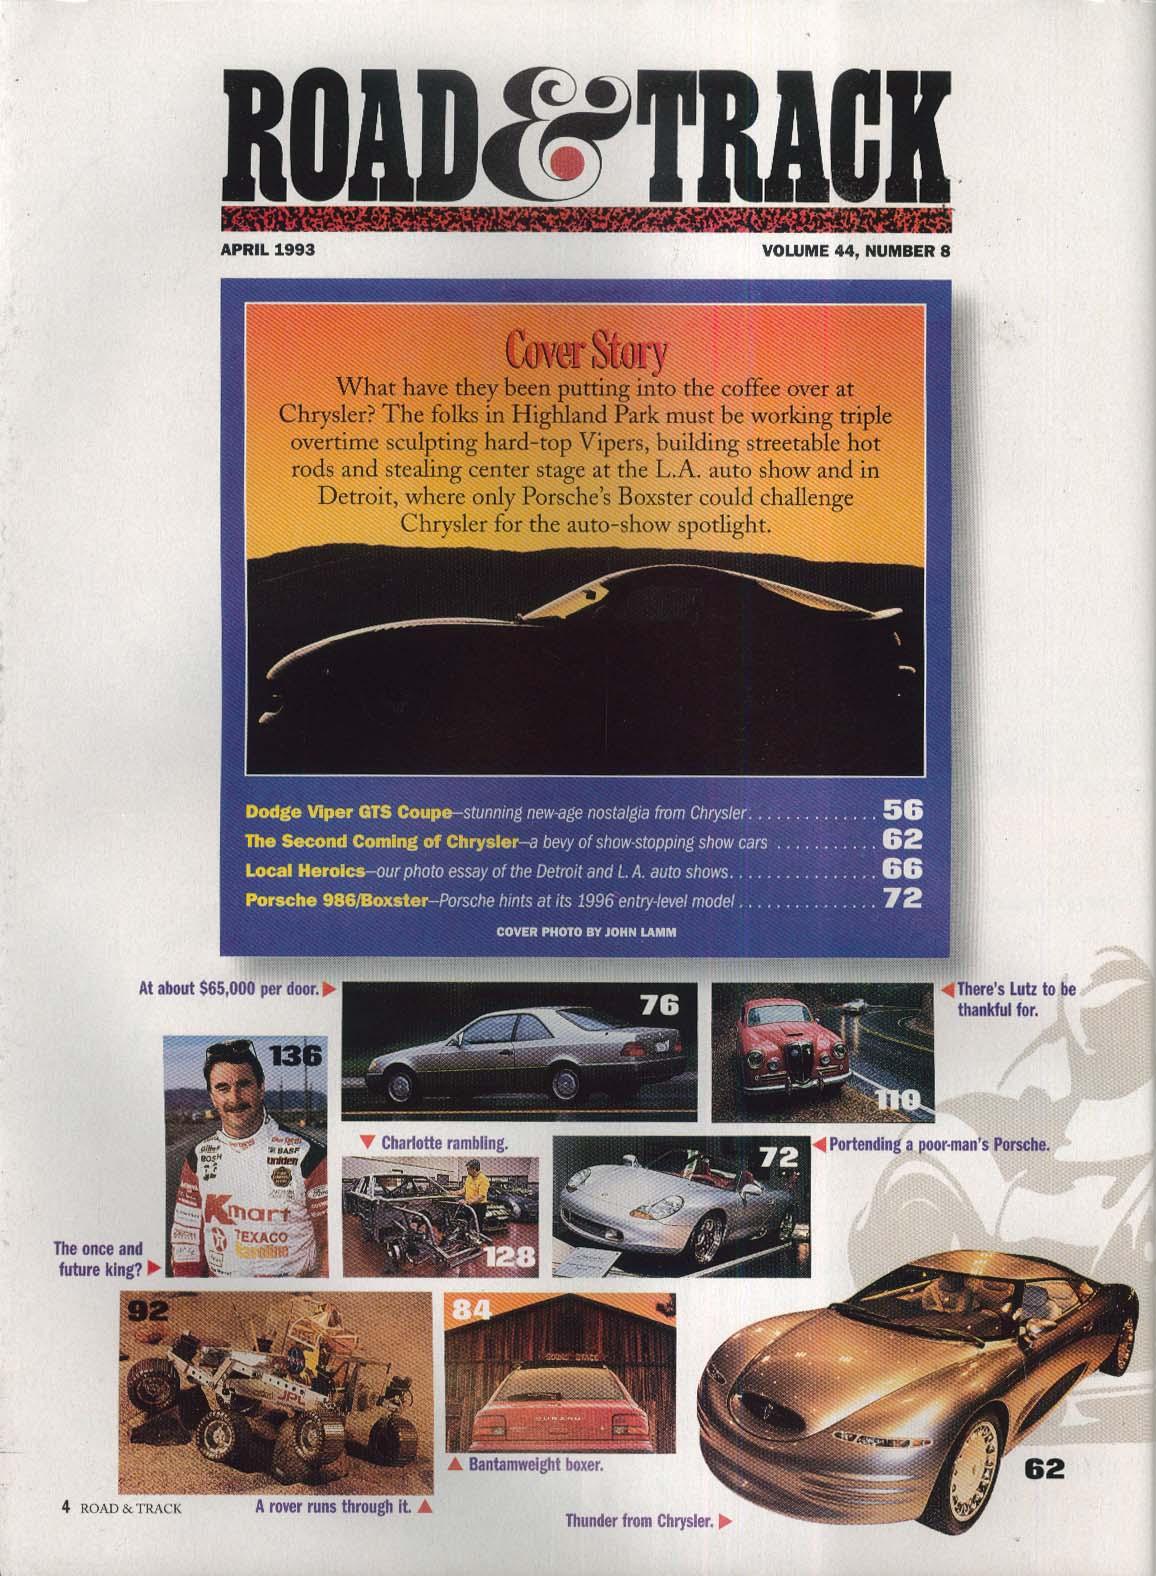 ROAD & TRACK Mercedes-Benz 600SEC Subary Impreza L JPL Rocky IV road test 4 1993